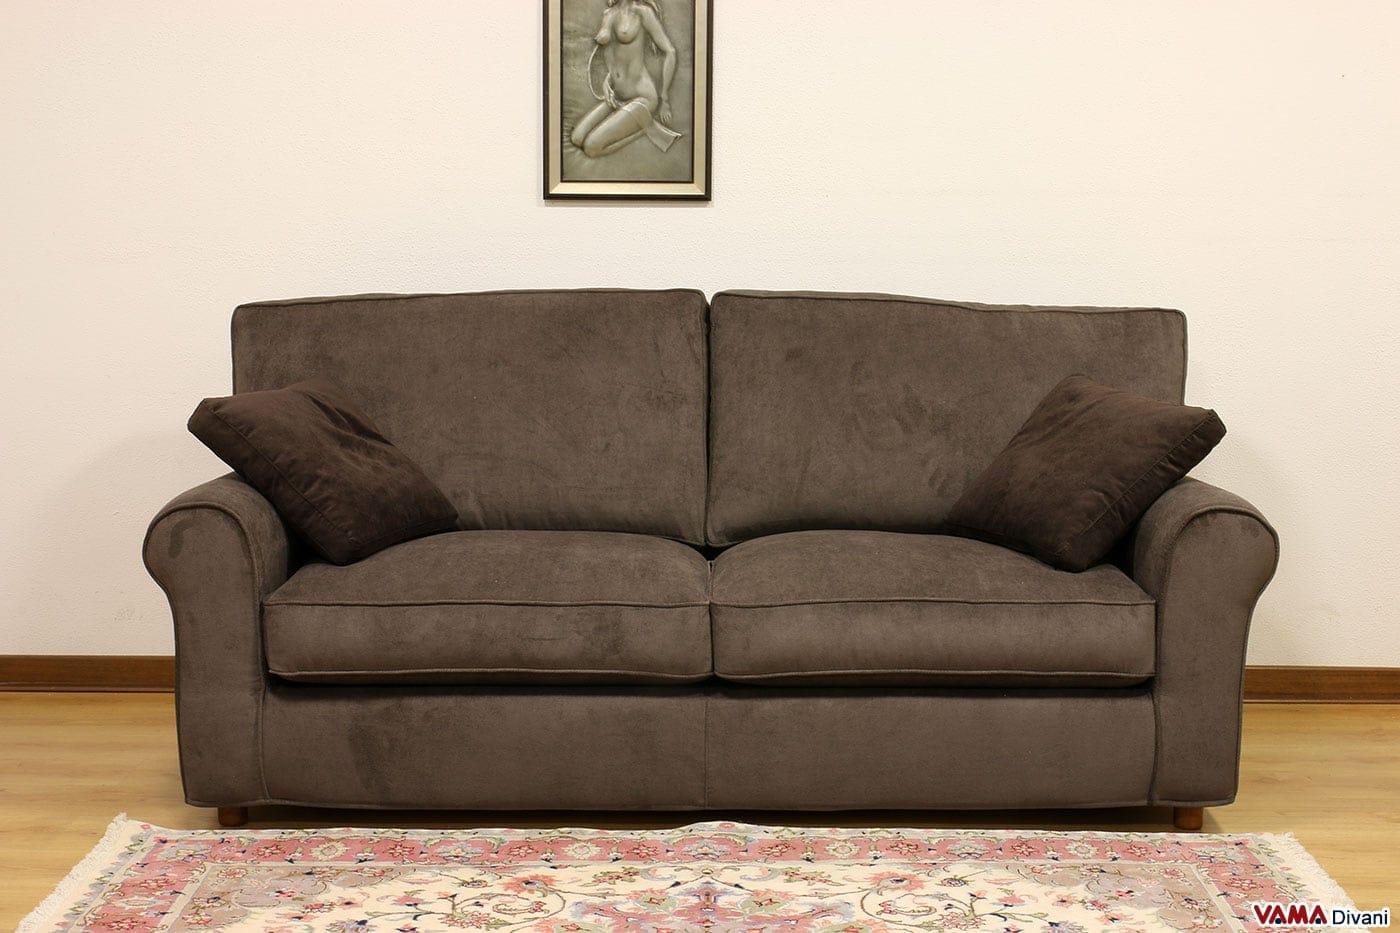 Divani pelle e stoffa idee per il design della casa - Prodotti per pulire il divano in tessuto ...